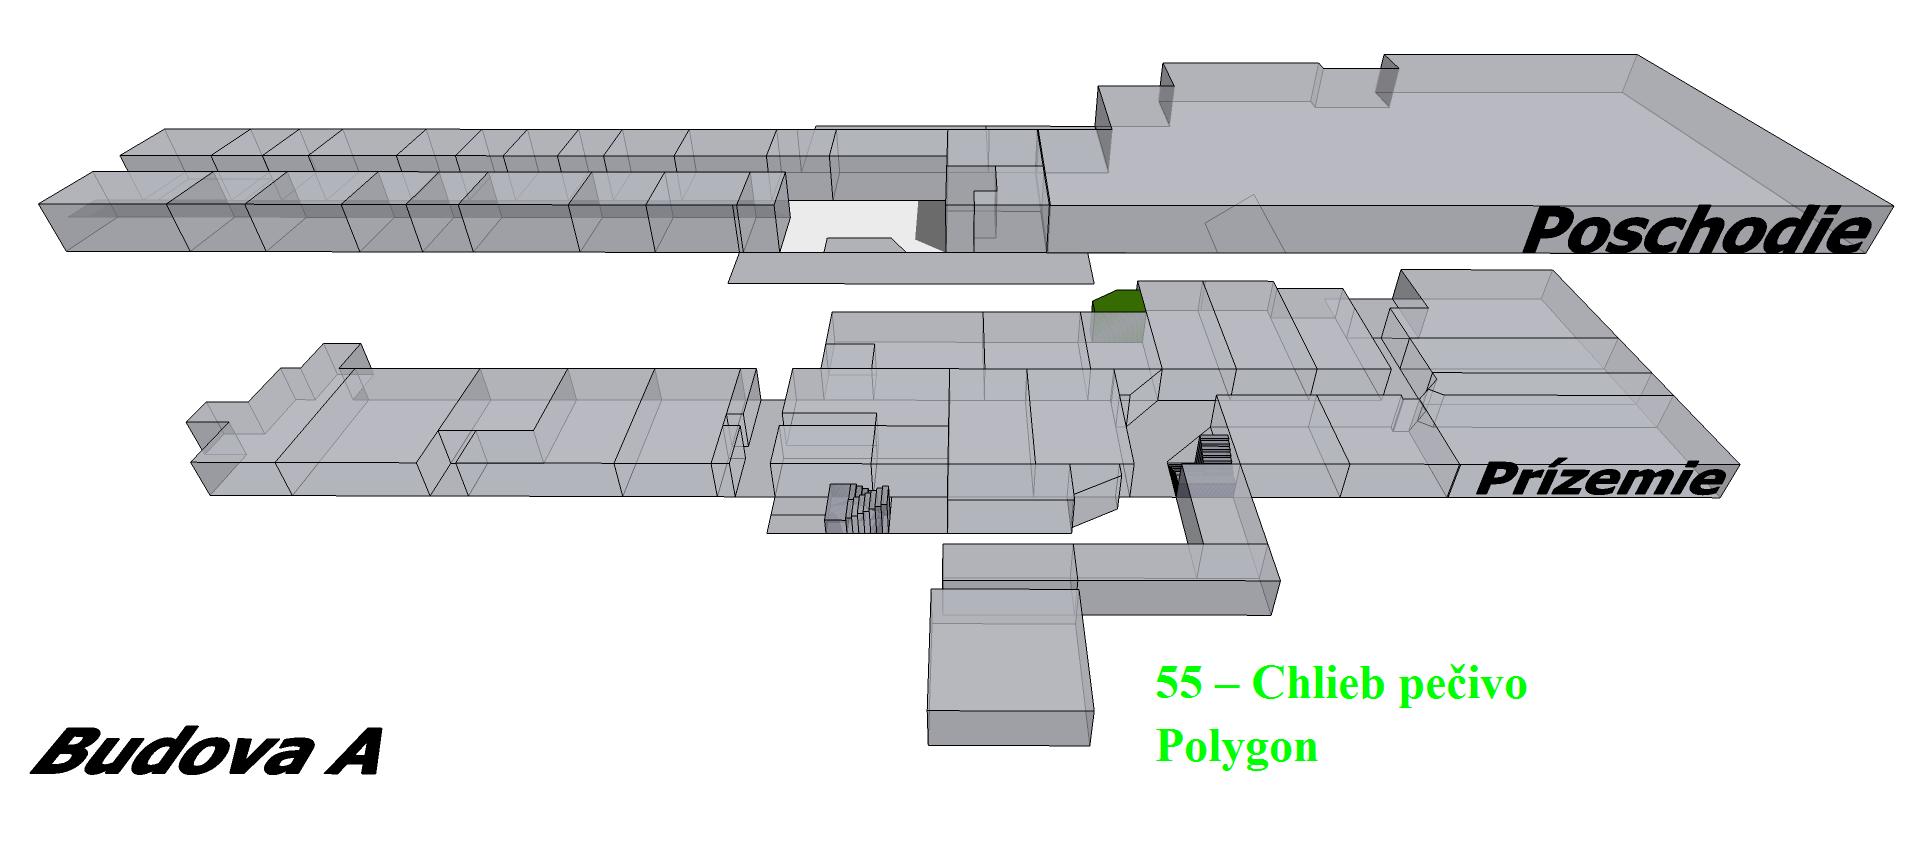 55_Chlieb_pečivo_Polygon_budova_A_prízemie_s_u